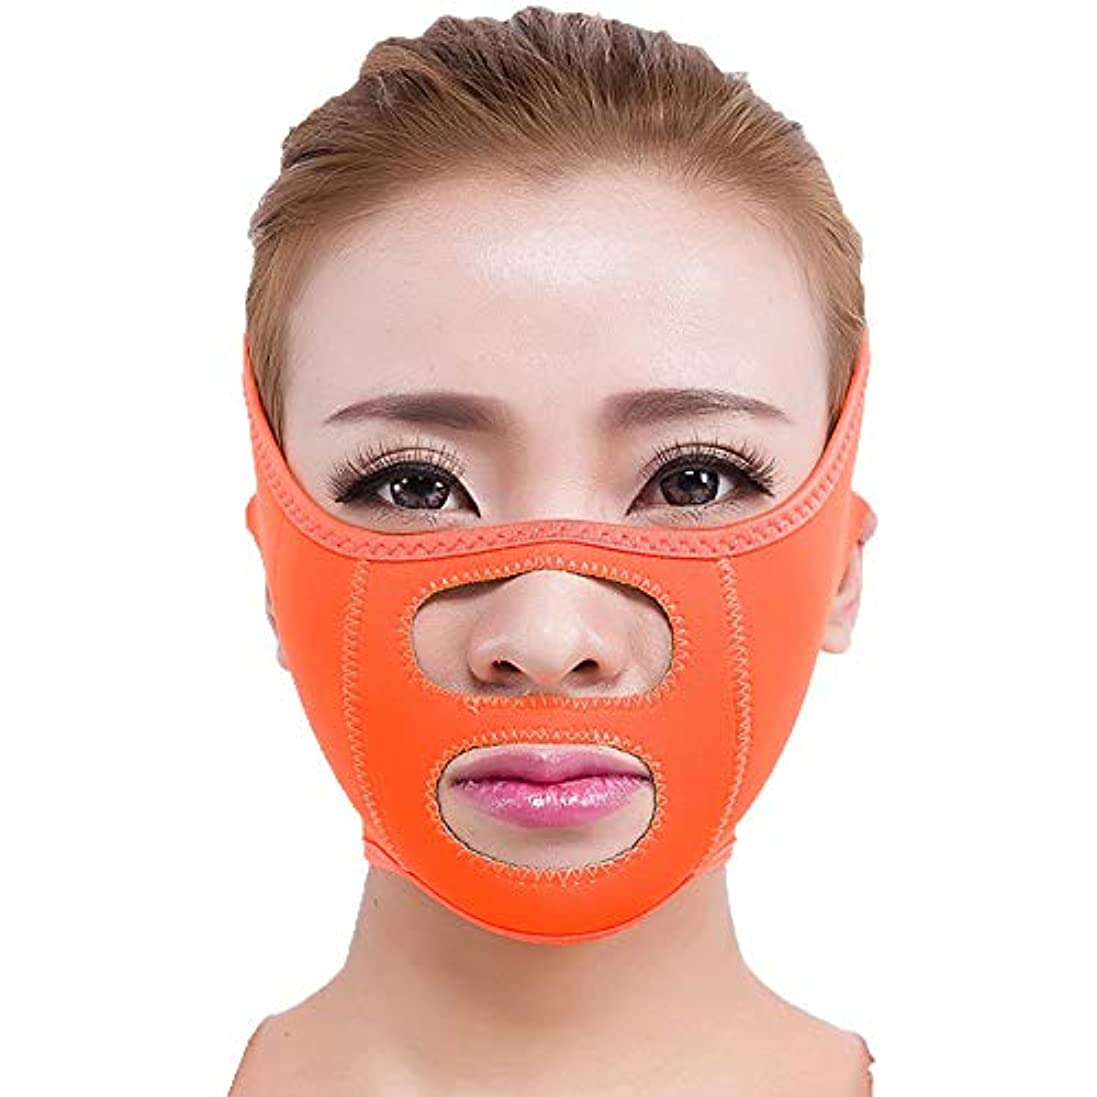 チャンピオン戦艦品二重顎の圧力低下装置、睡眠薄い顔のベルト小さなvの顔の器械の包帯マスク持ち上げる顔のステッカー,Orange